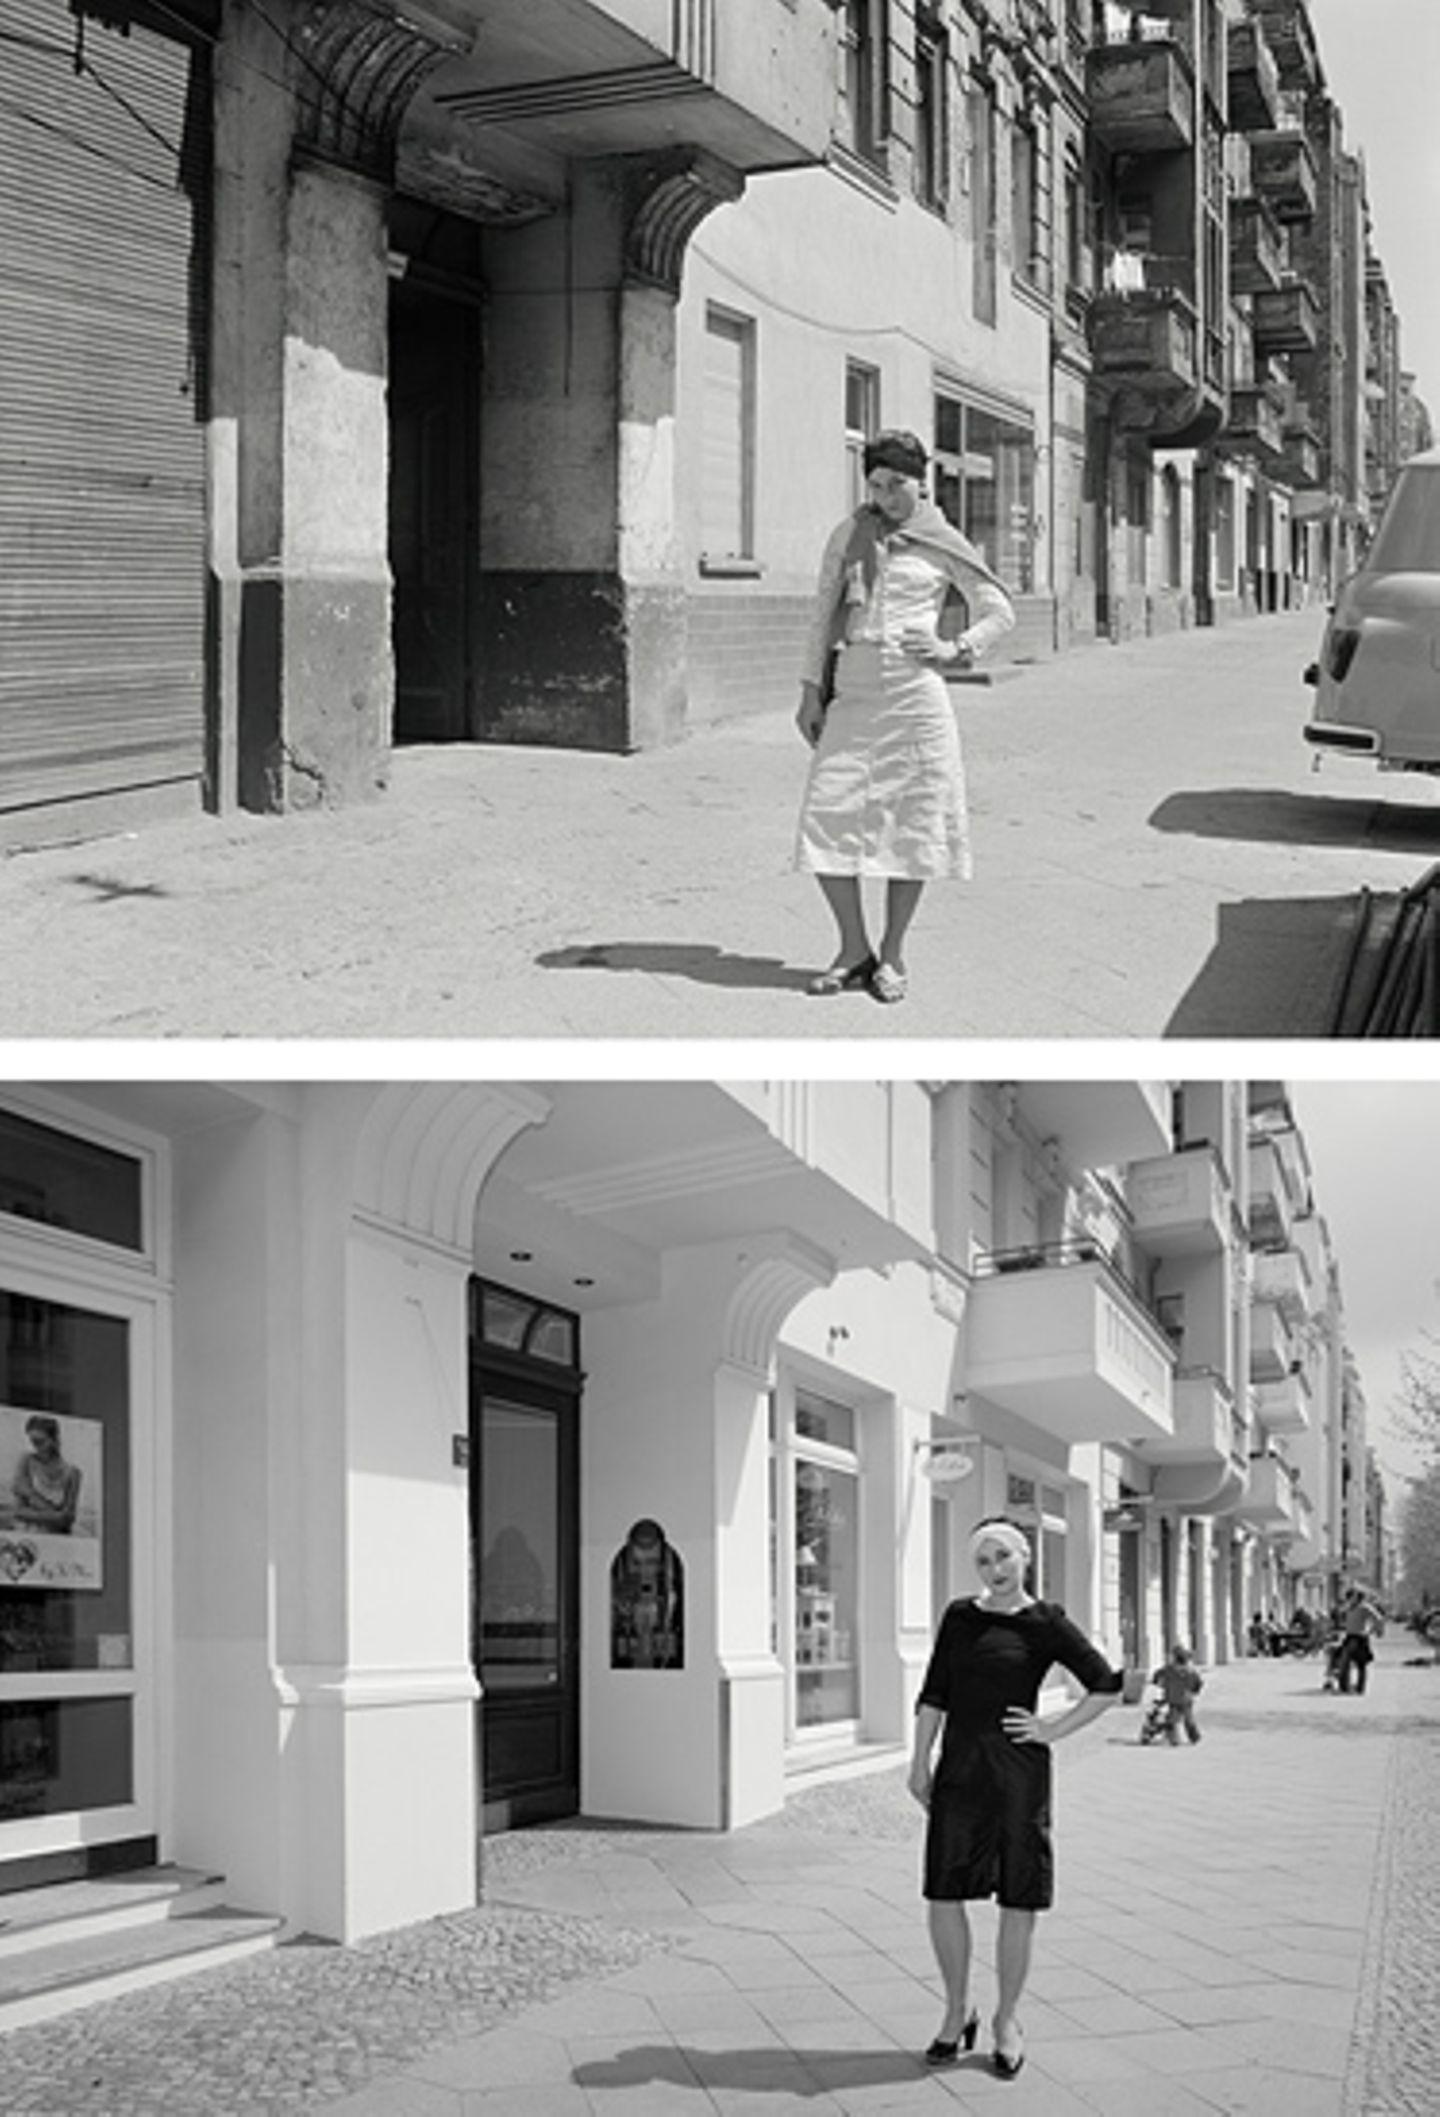 Fotogalerie: Eine deutsche Straße im Wandel - Bild 8